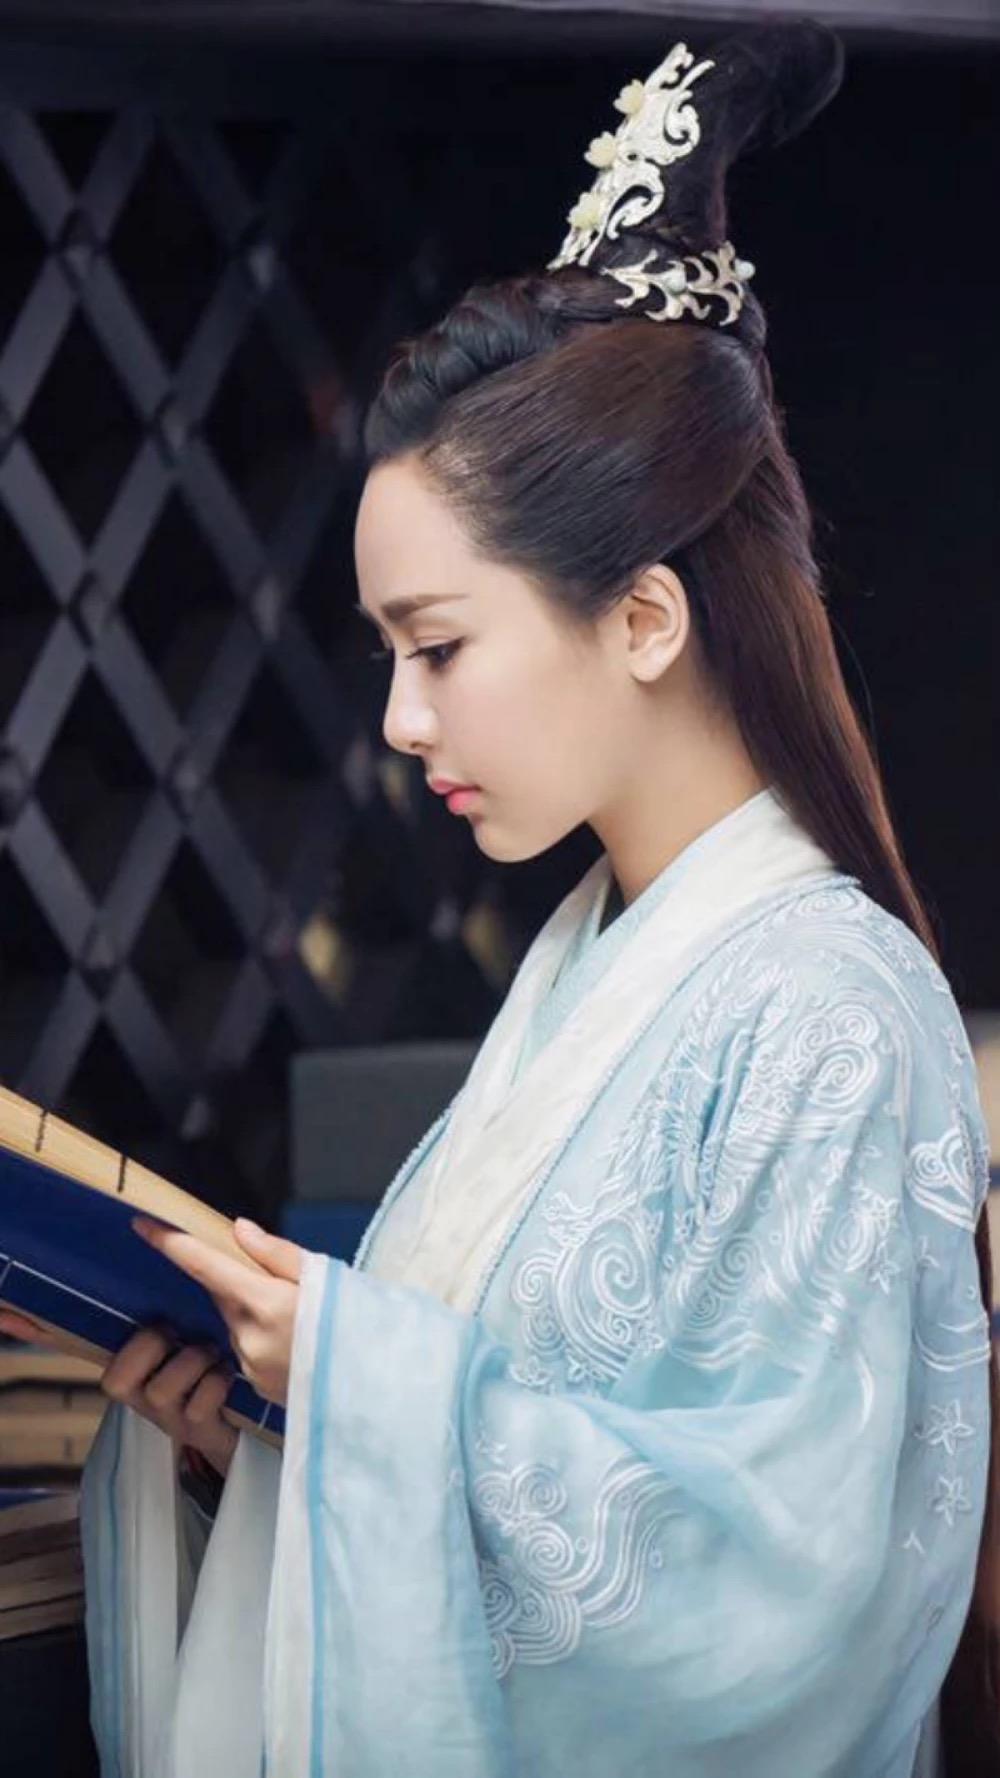 杨紫的陆雪琪和赵丽颖的碧瑶,谁更加让你觉得惊艳了